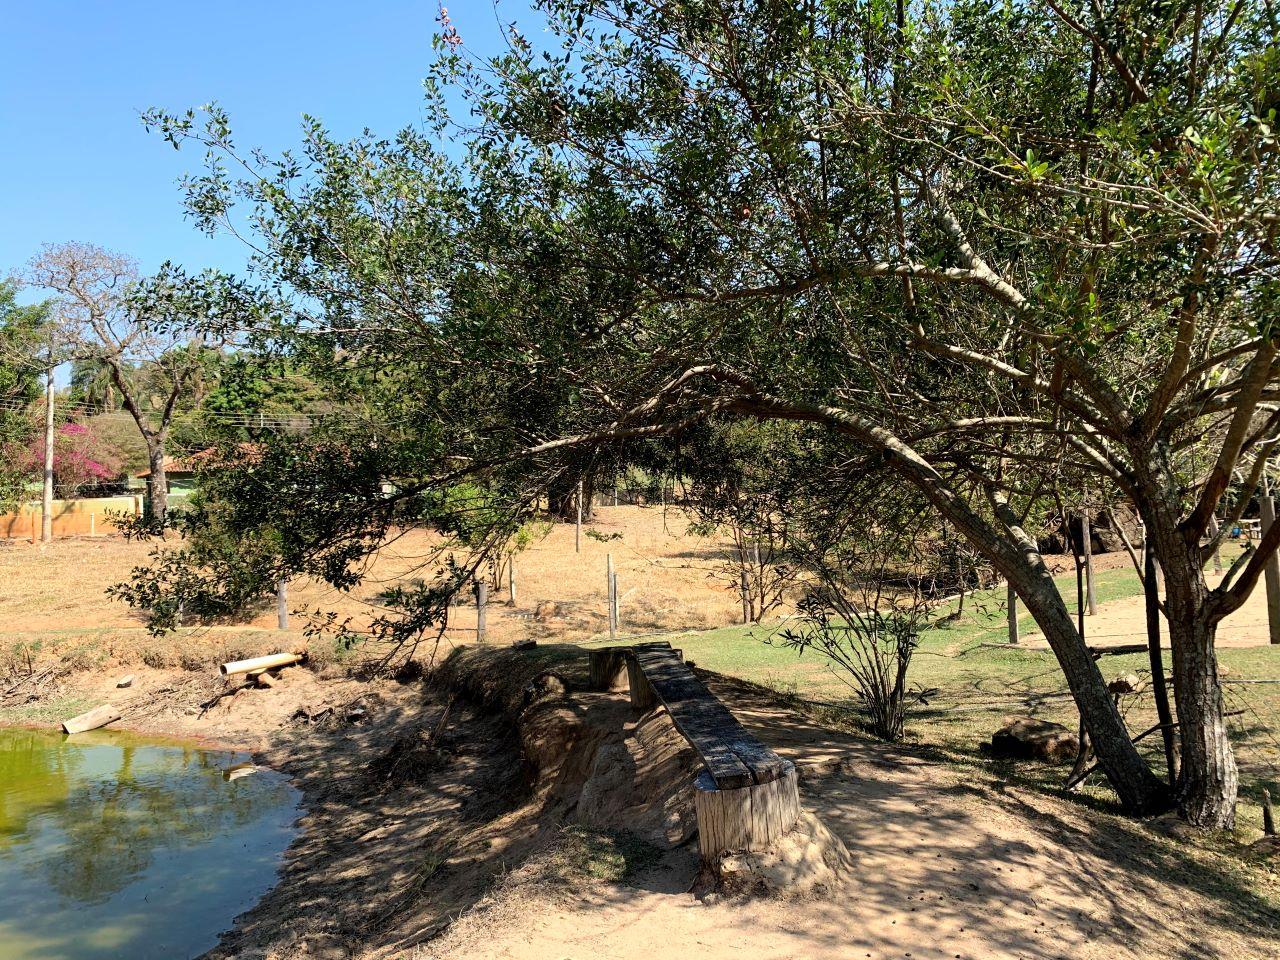 arvores e lago de uma fazenda